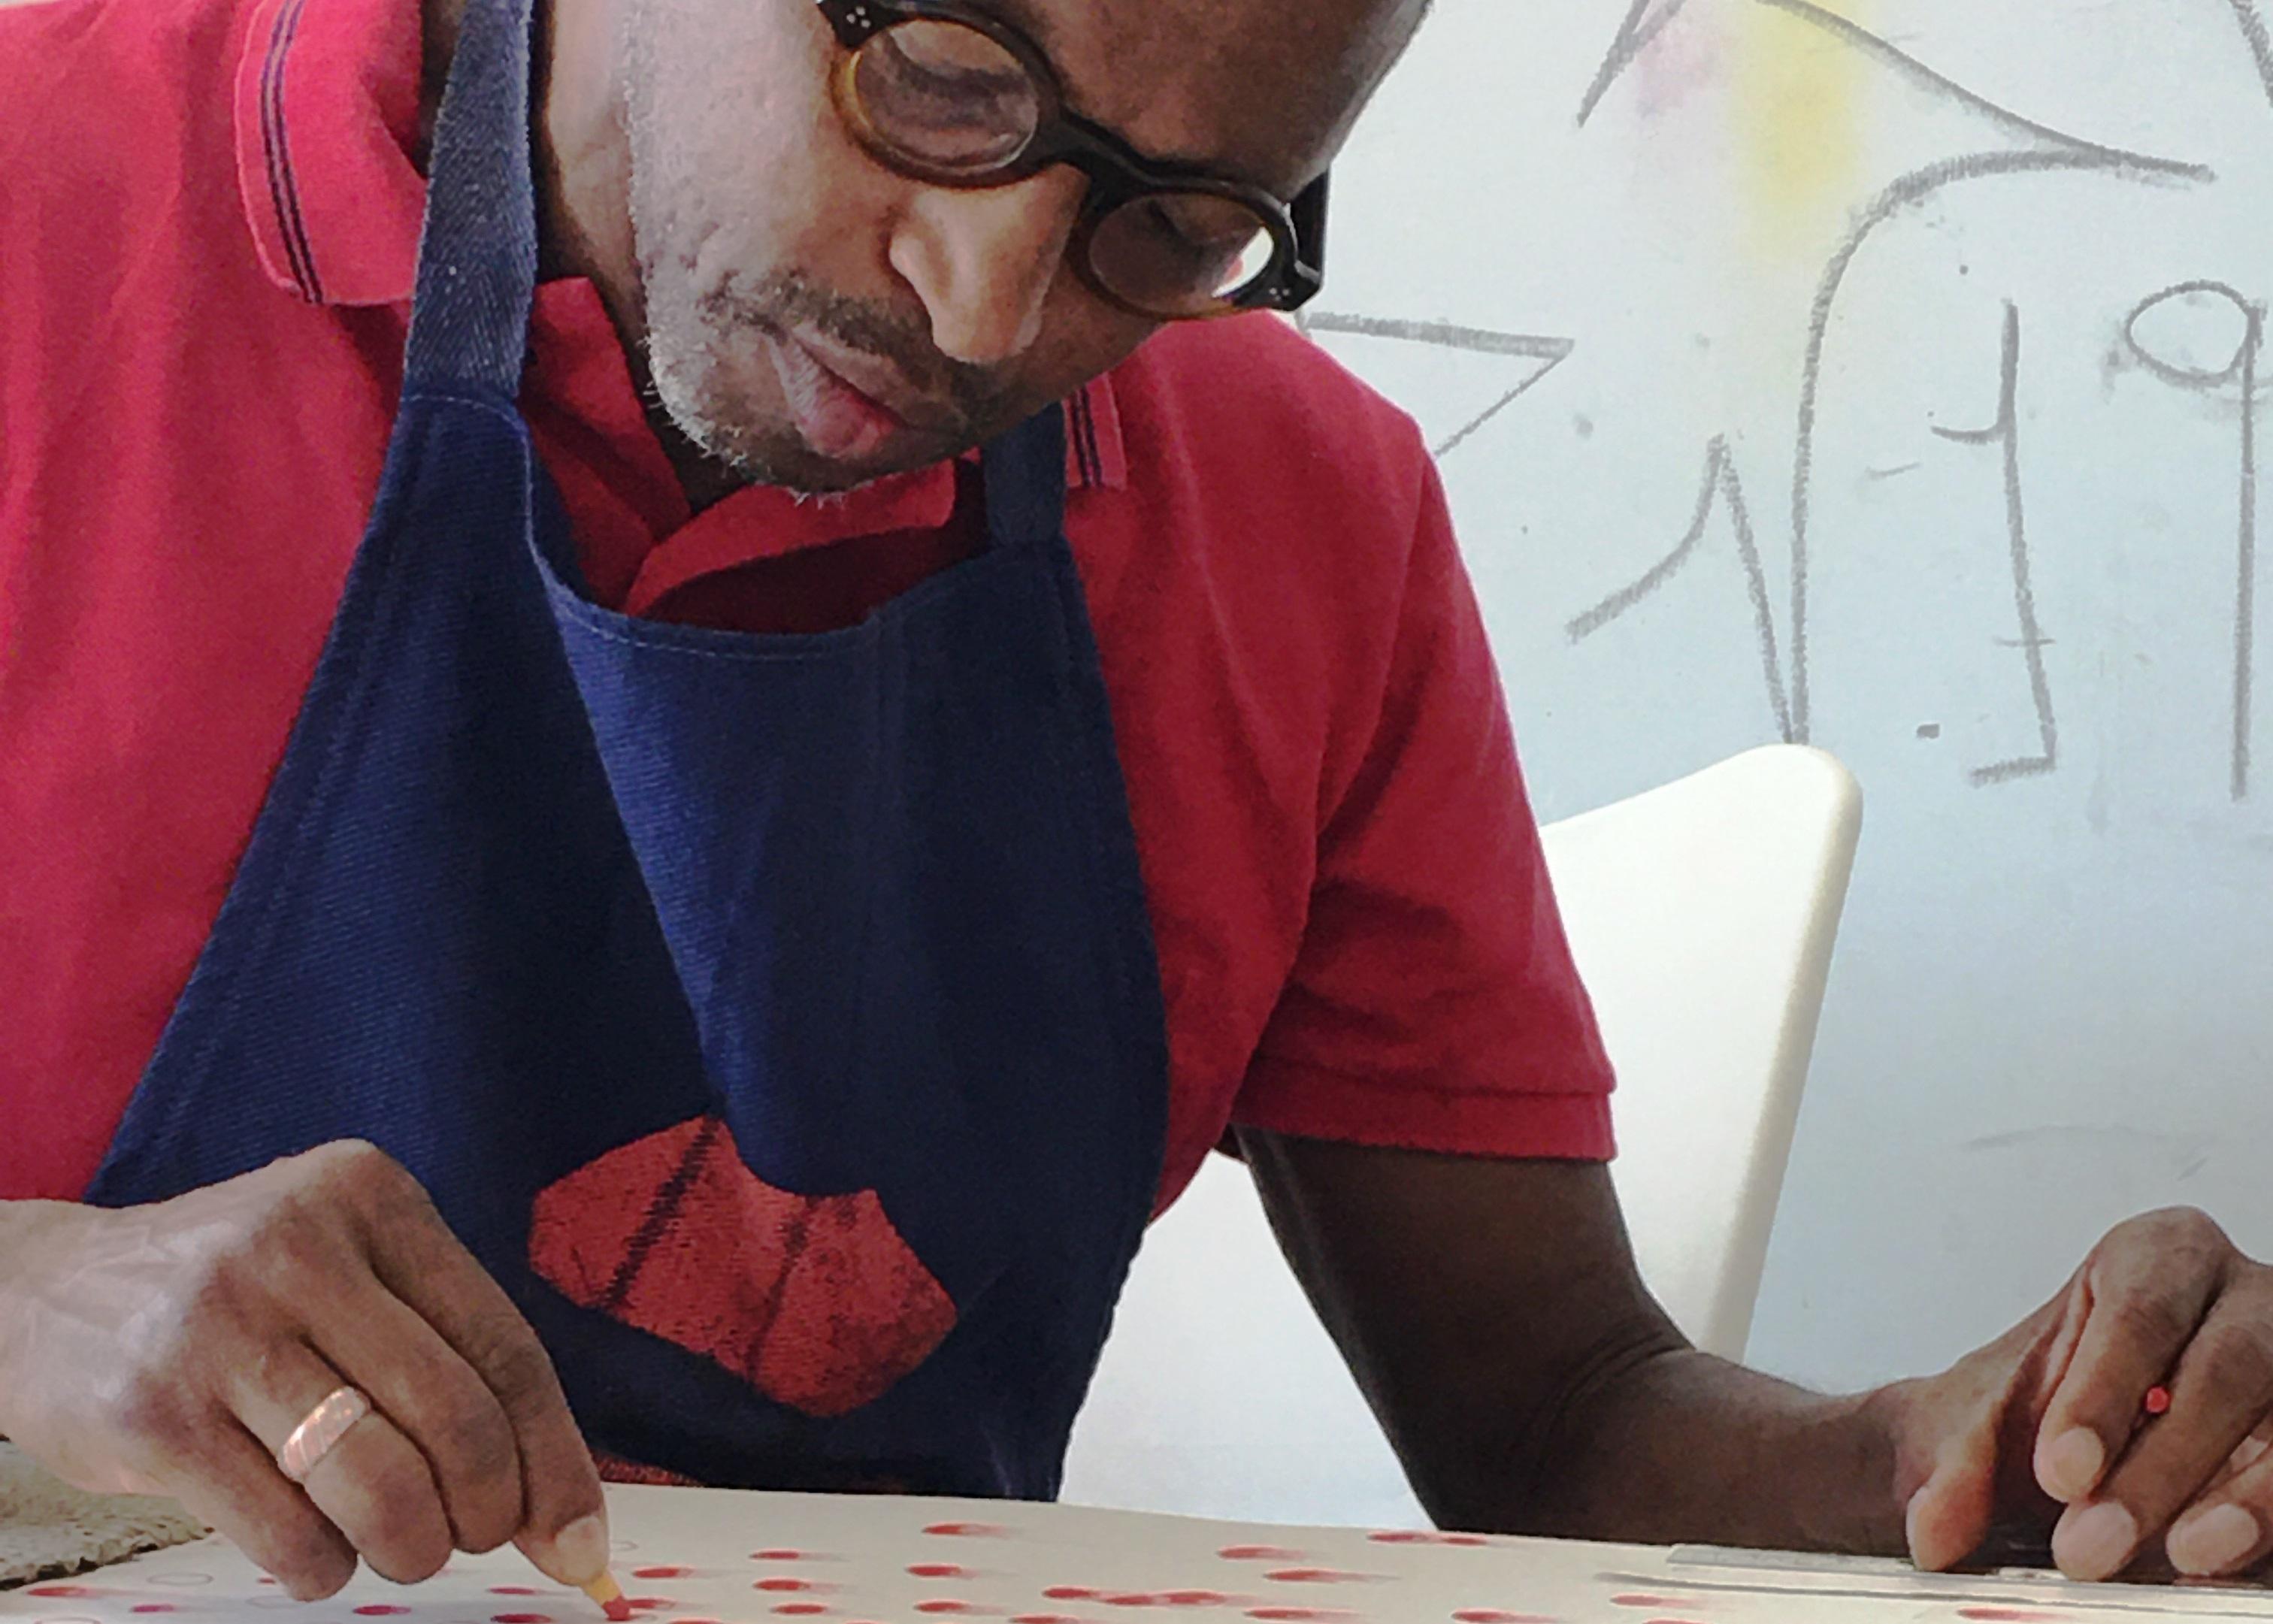 Nú Barreto realiza atelier aberto no Espaço Luanda Arte